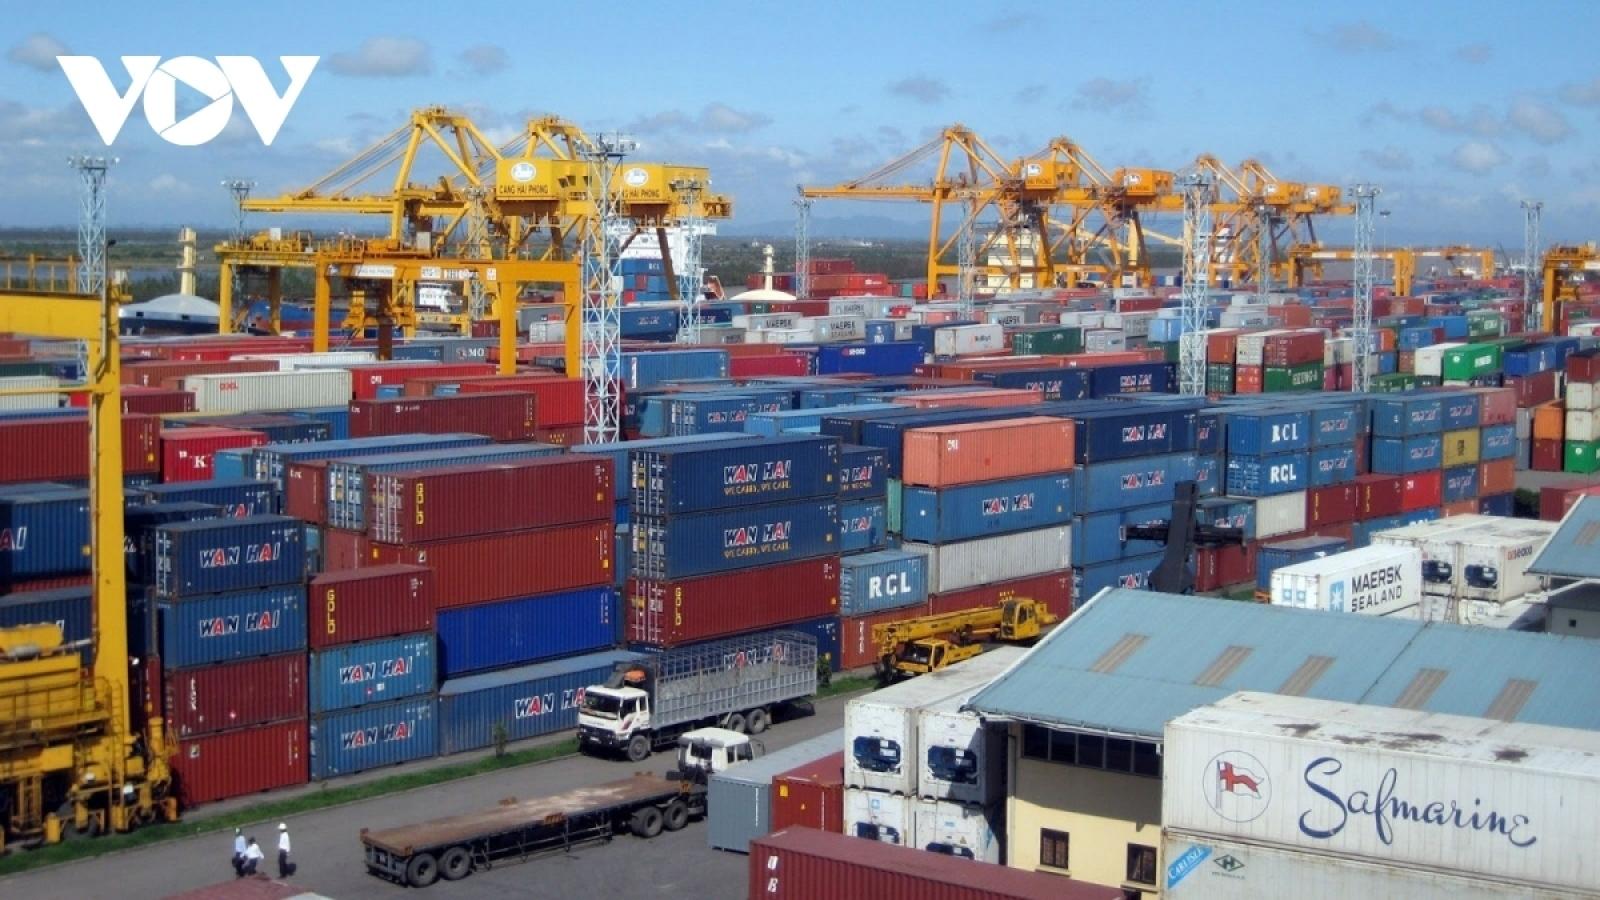 Tân Cảng Hiệp Phước tạm ngừng dịch vụ, xuất khẩu gạo gặp khó